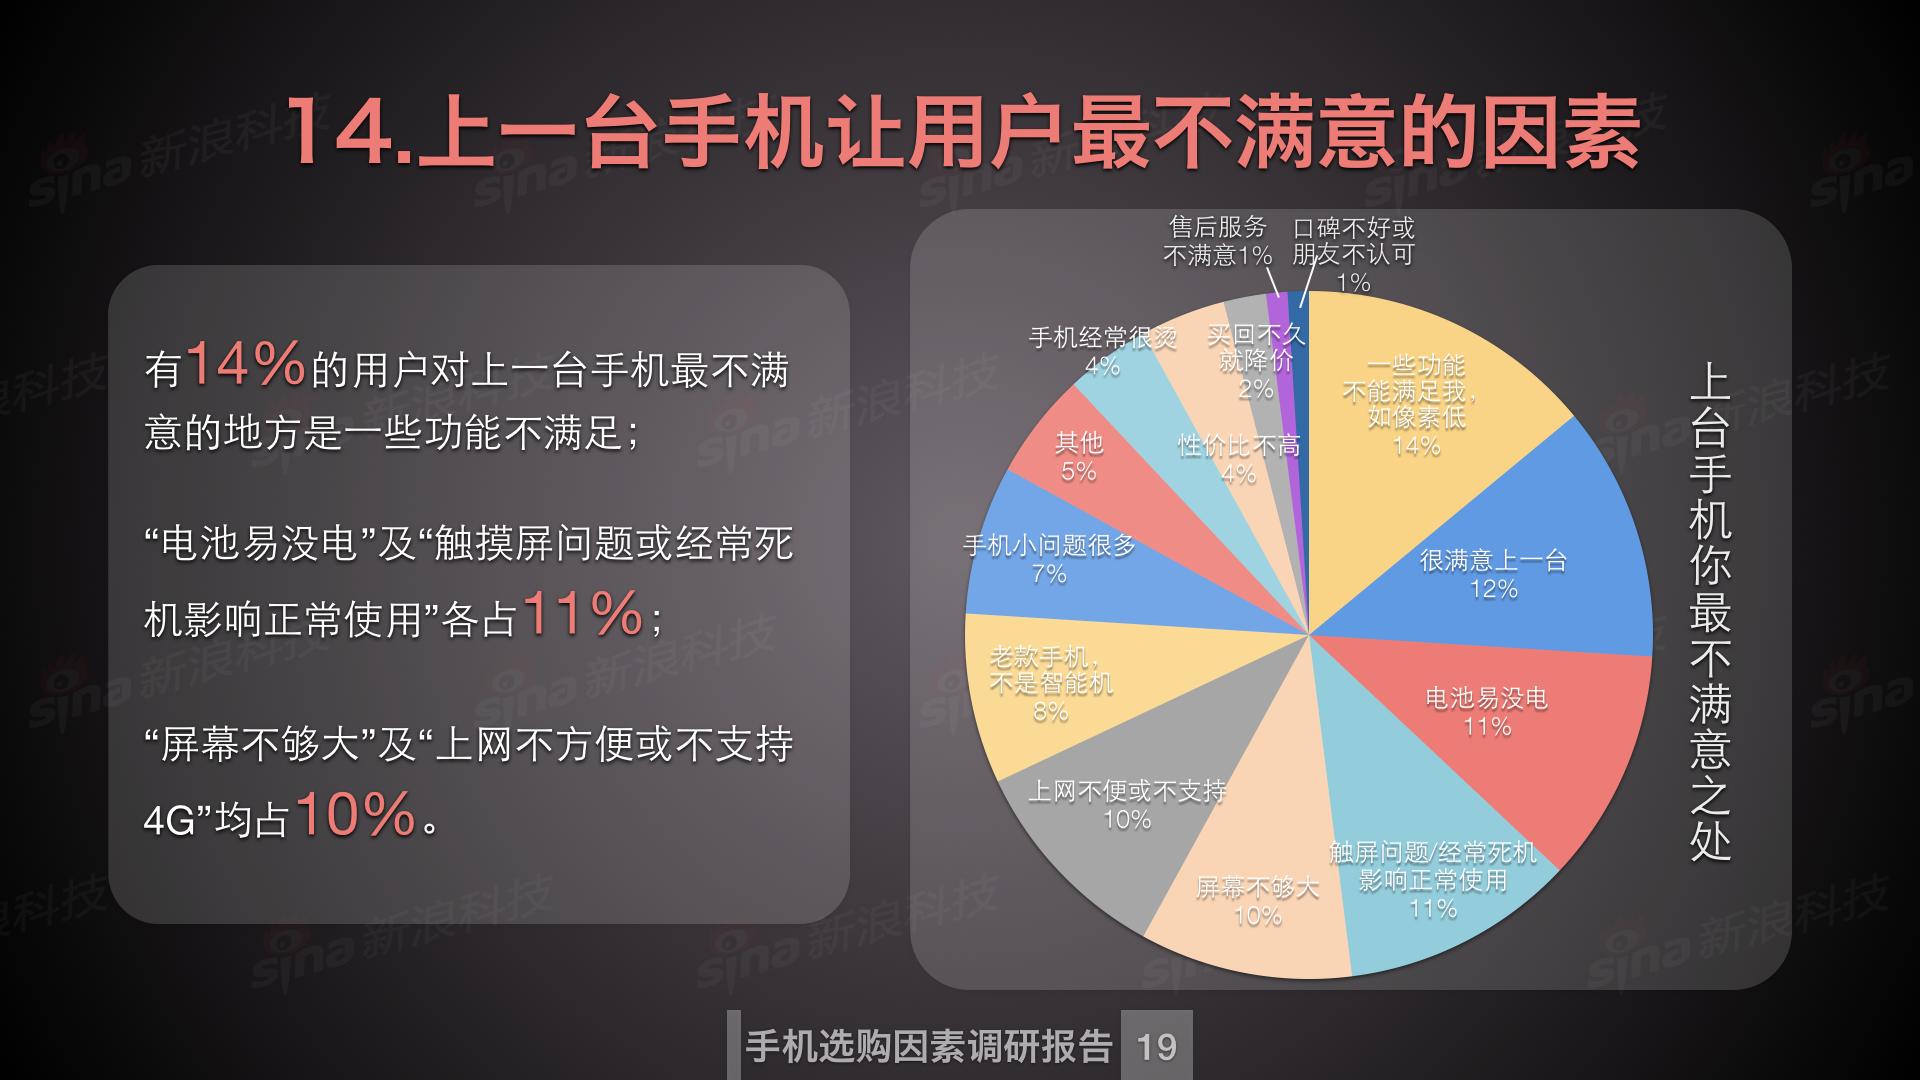 新浪科技数据中心_购买手机因素调研.020